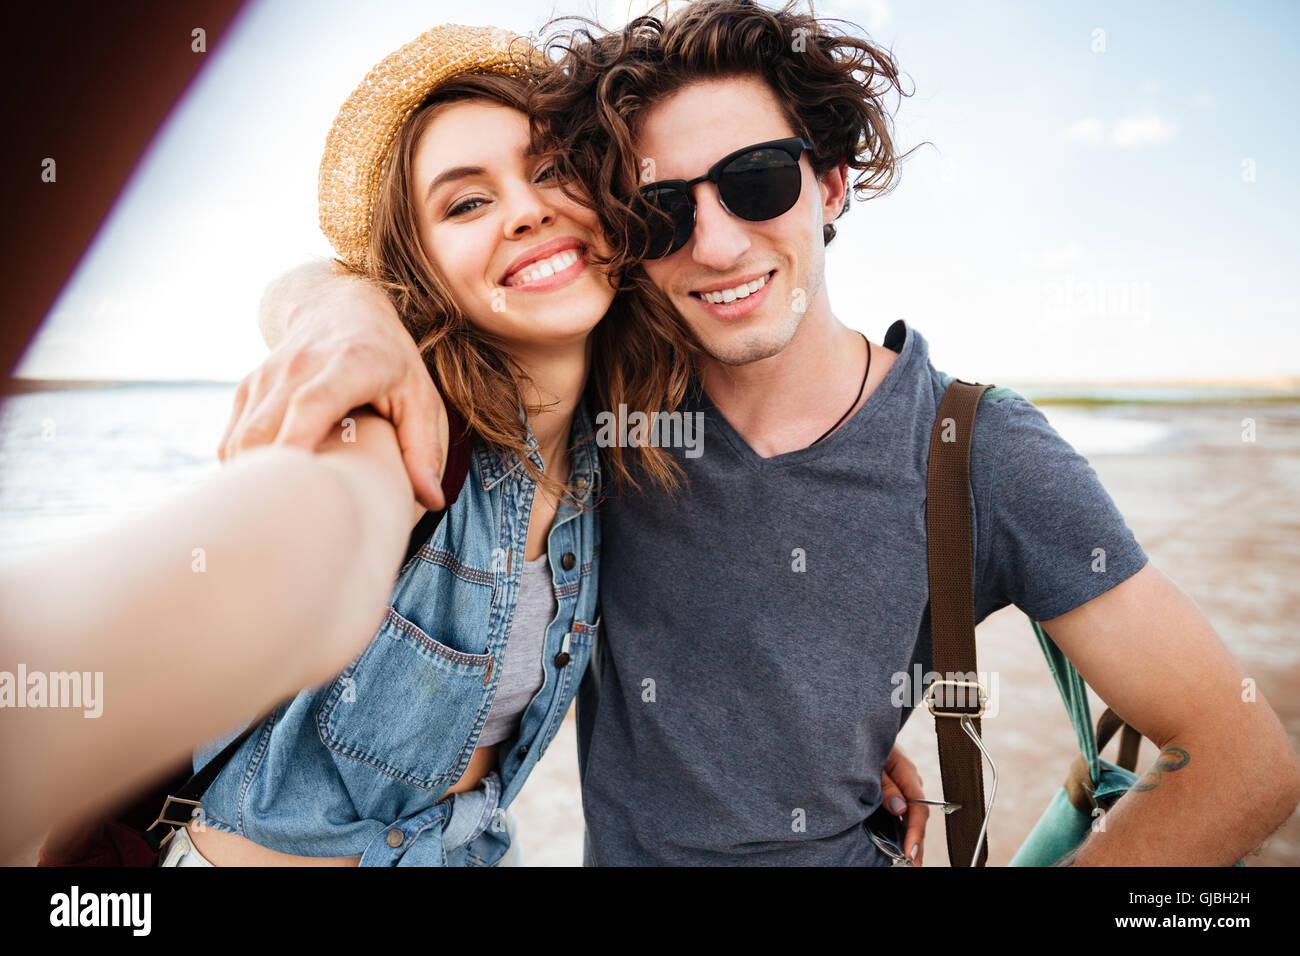 Lächelnde schöne junge Paar umarmt und nehmen Selfie am Strand Stockbild